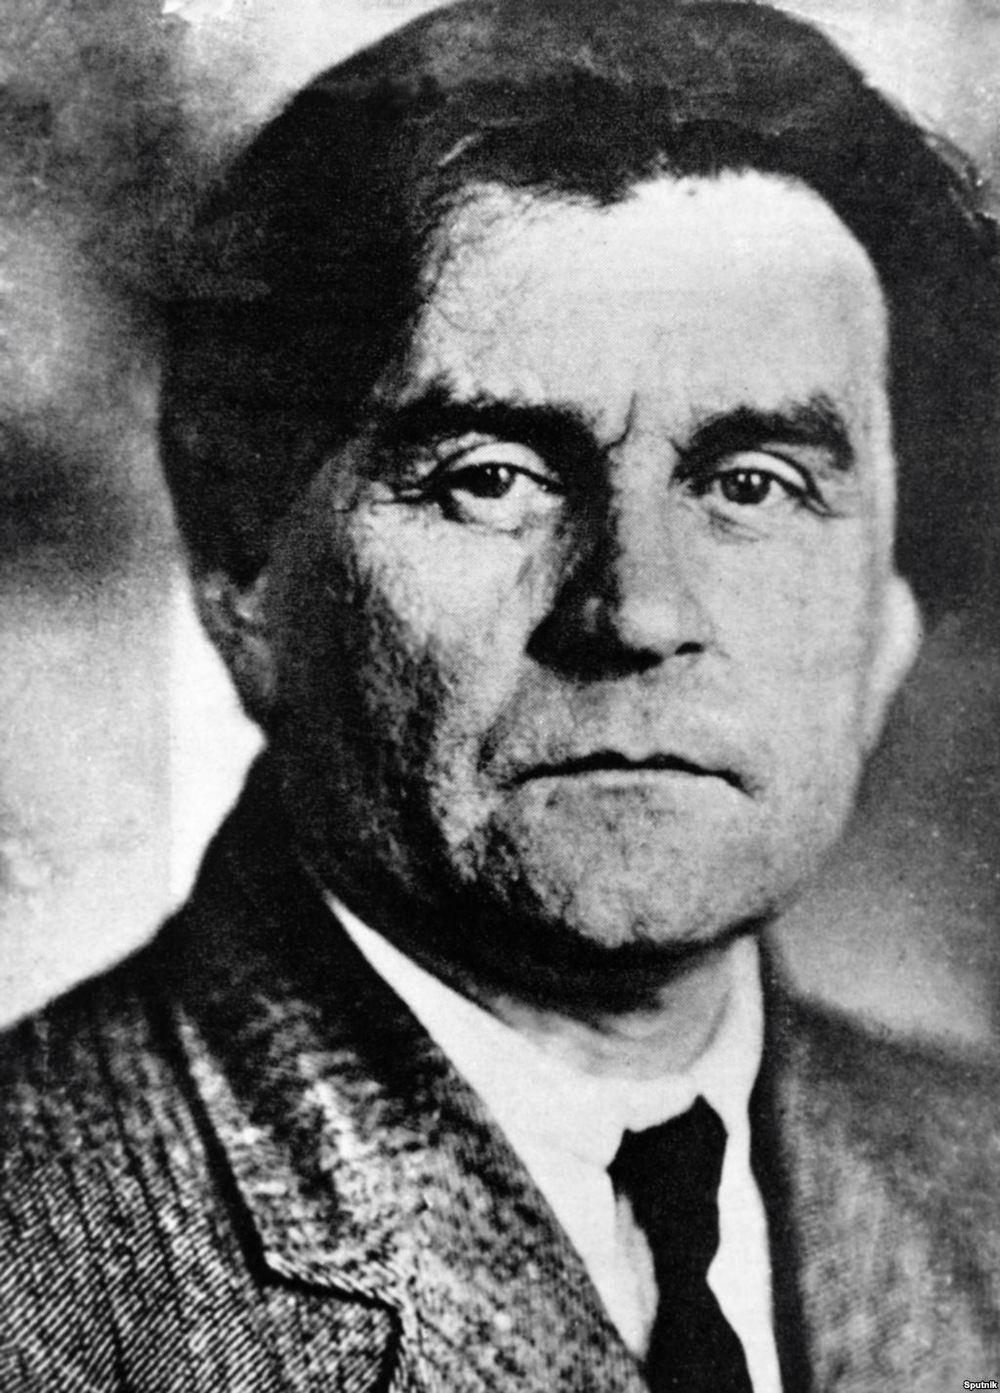 Kazimir Malevich (1879-1935)